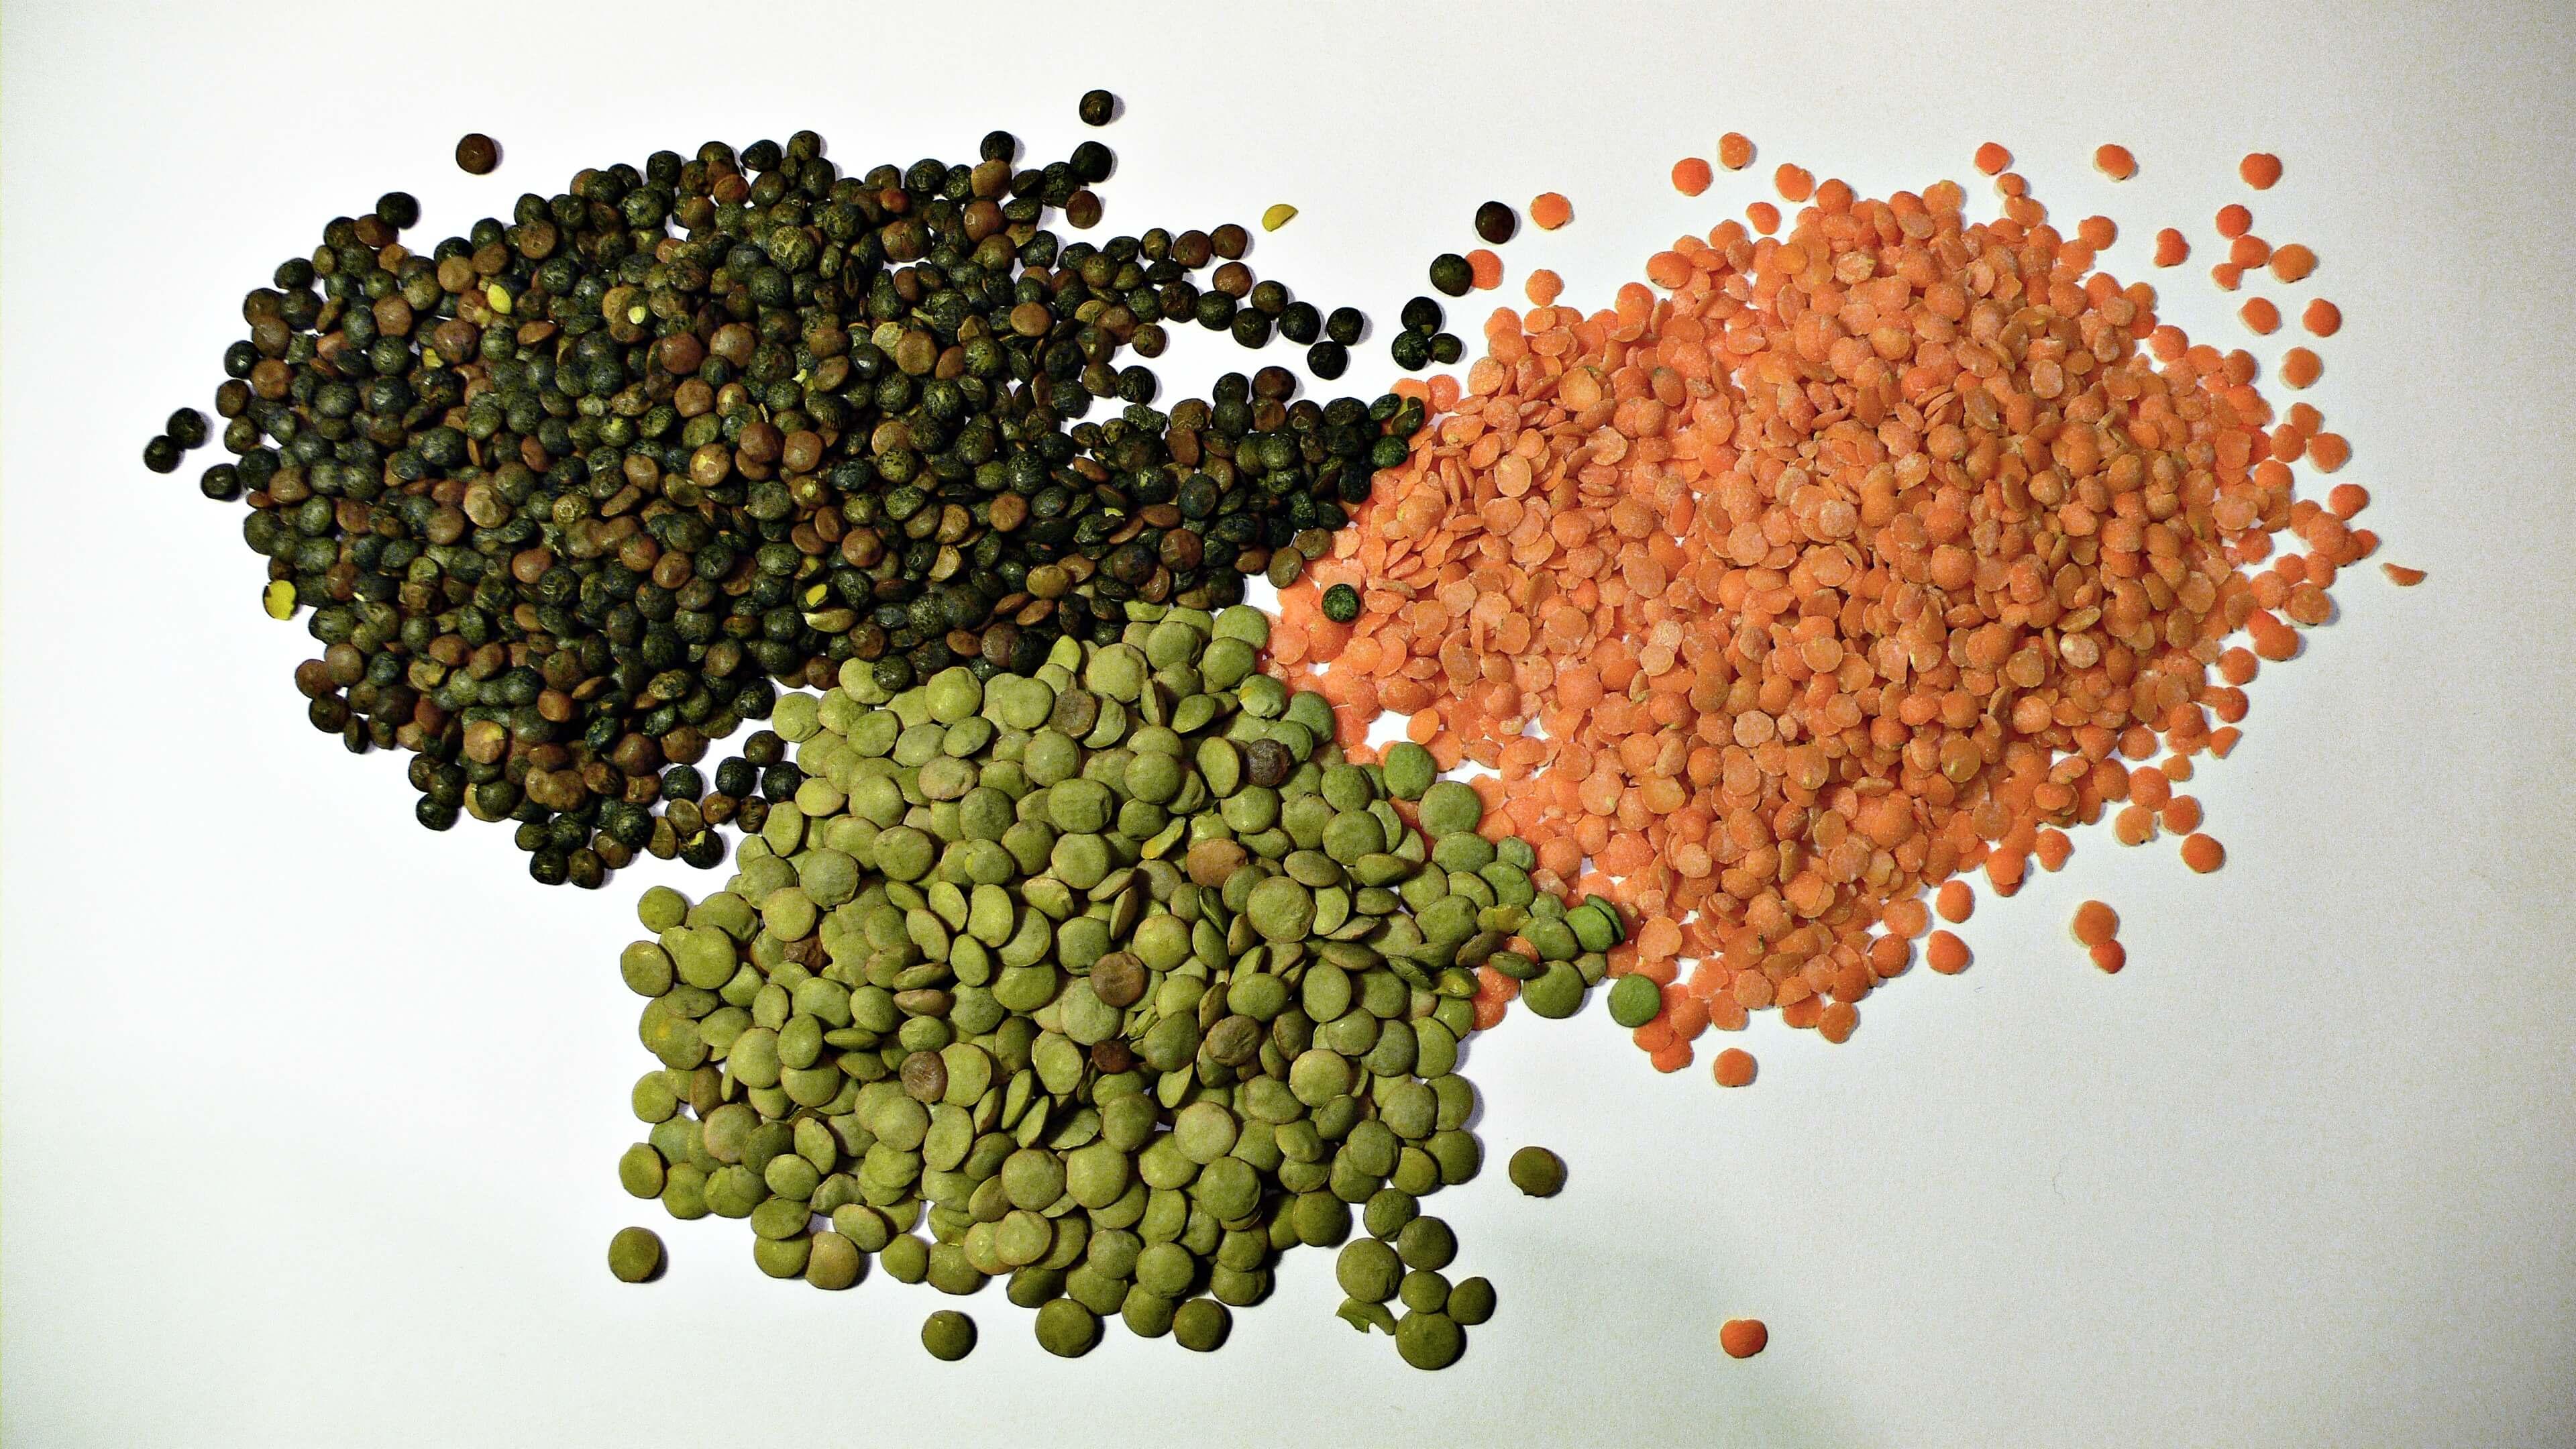 Vegan Protein Rich Foods